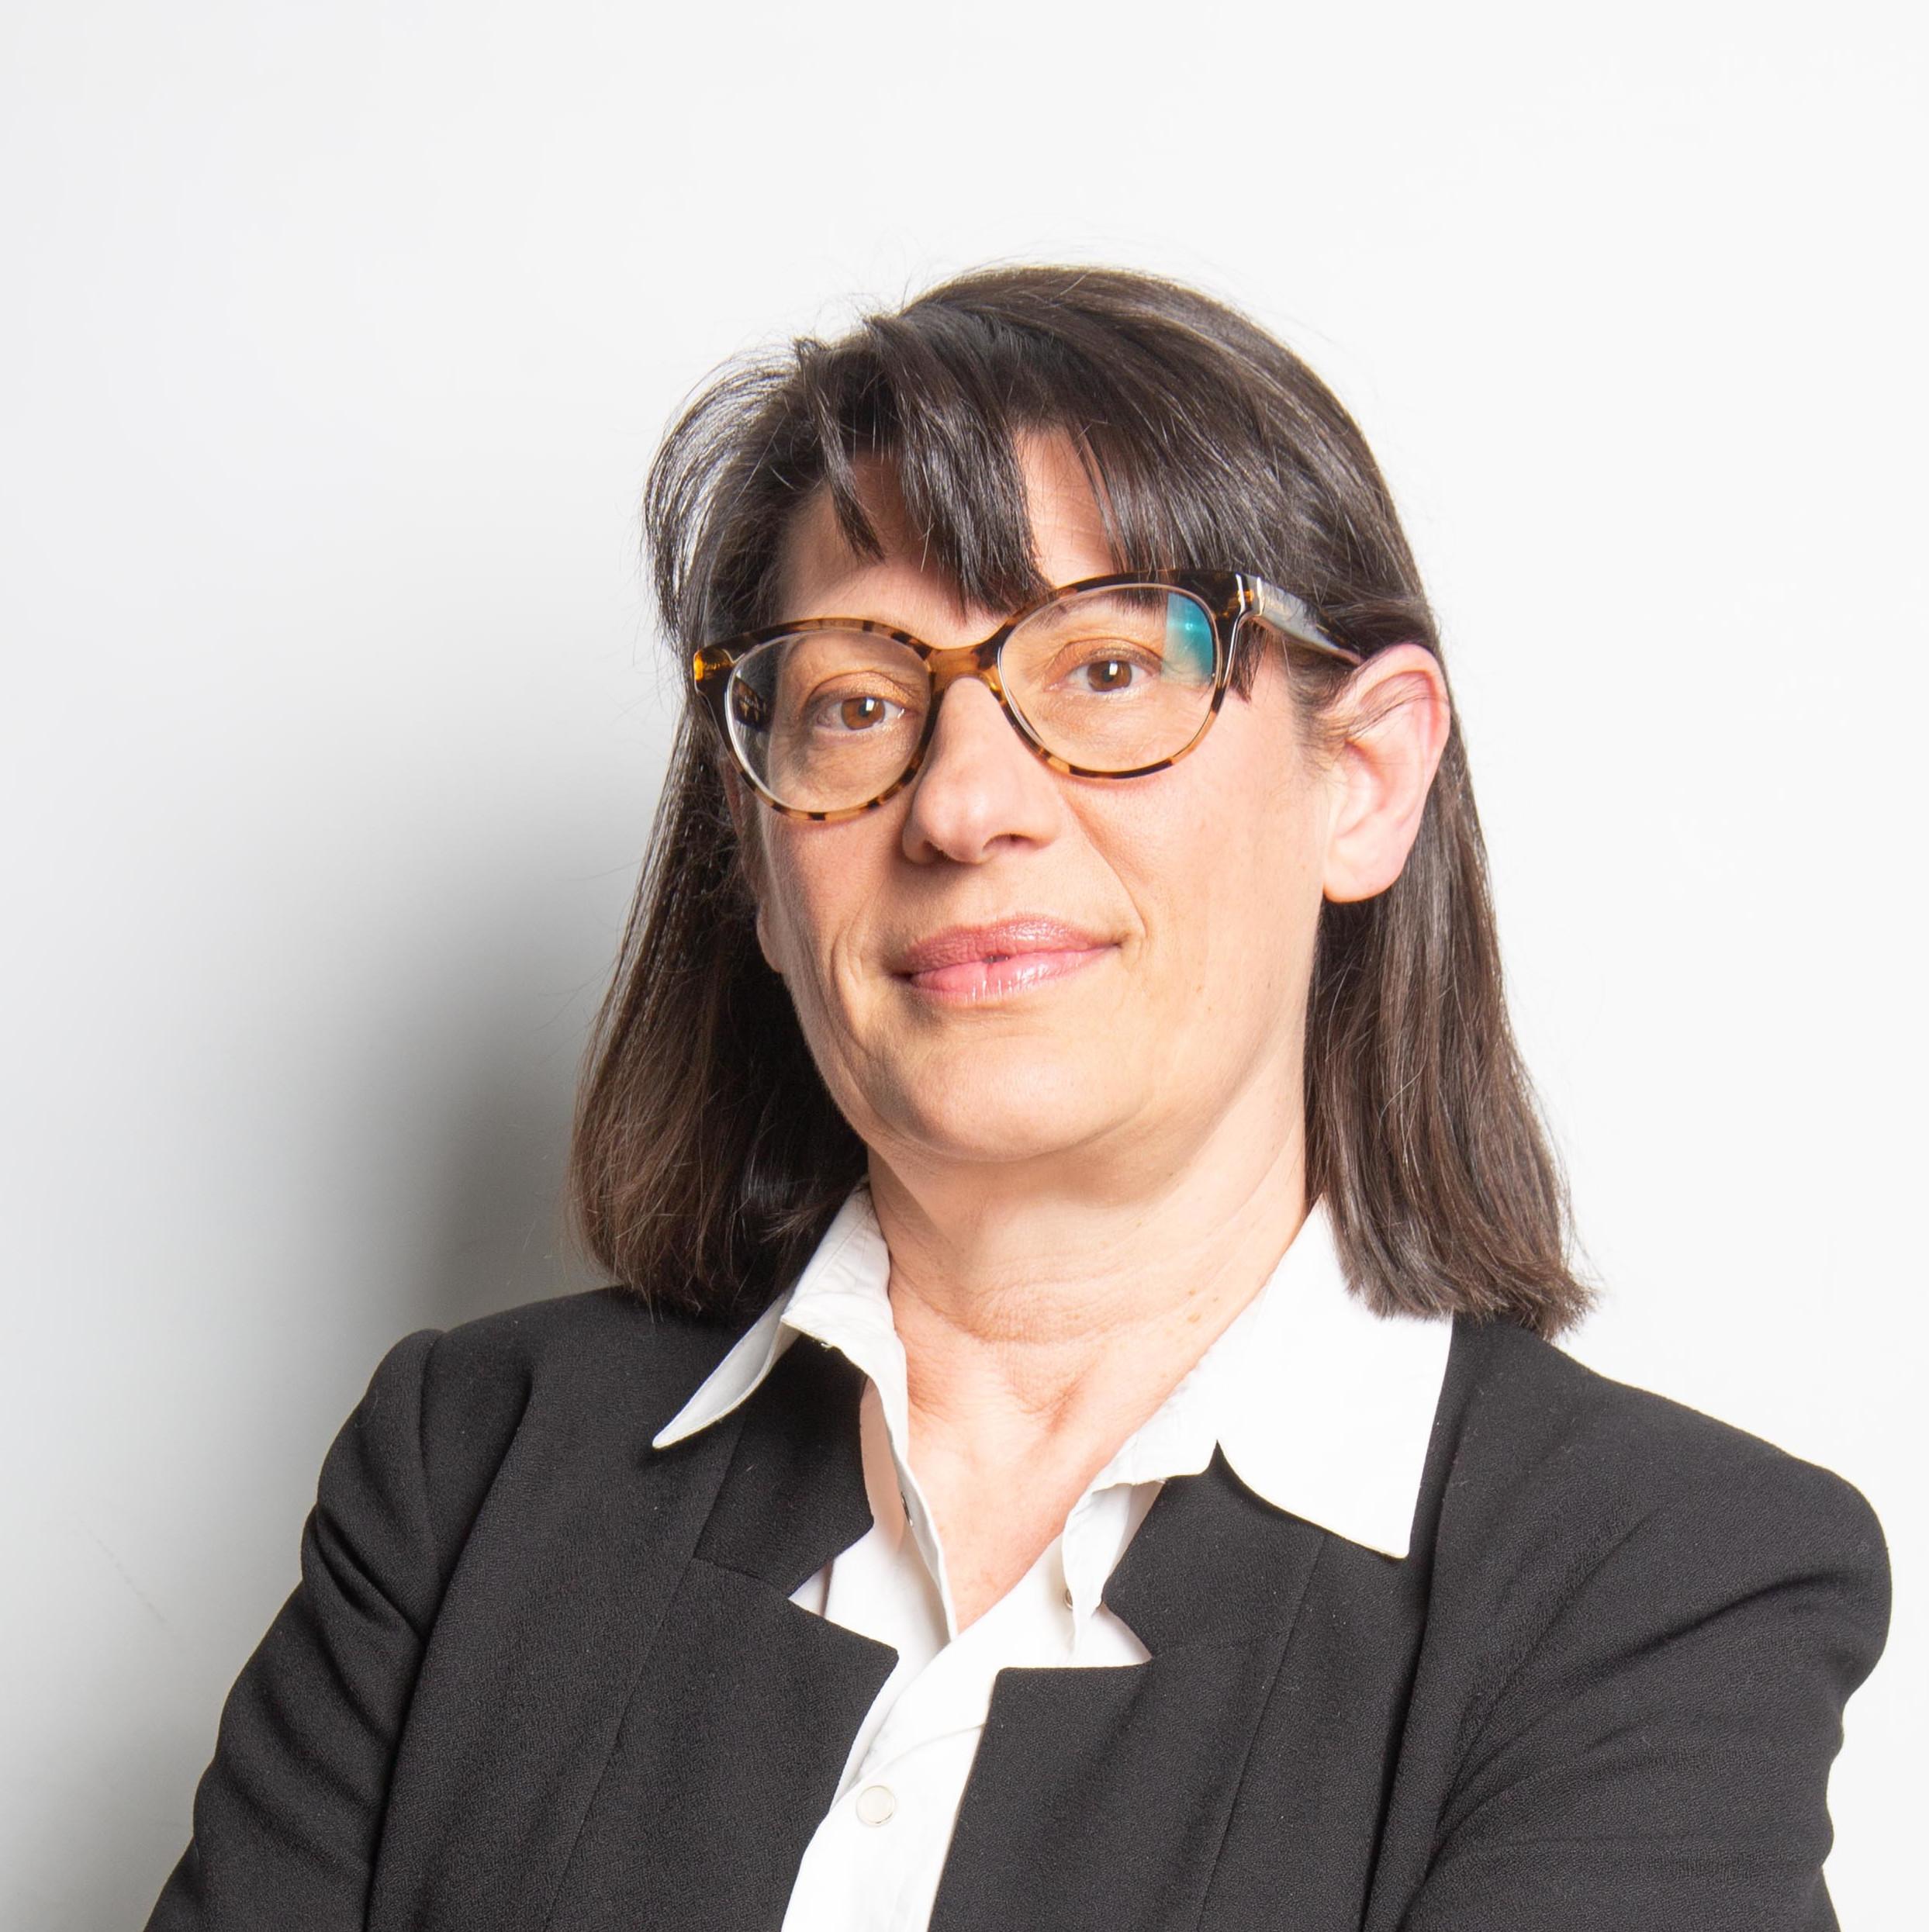 Claudia Paolini